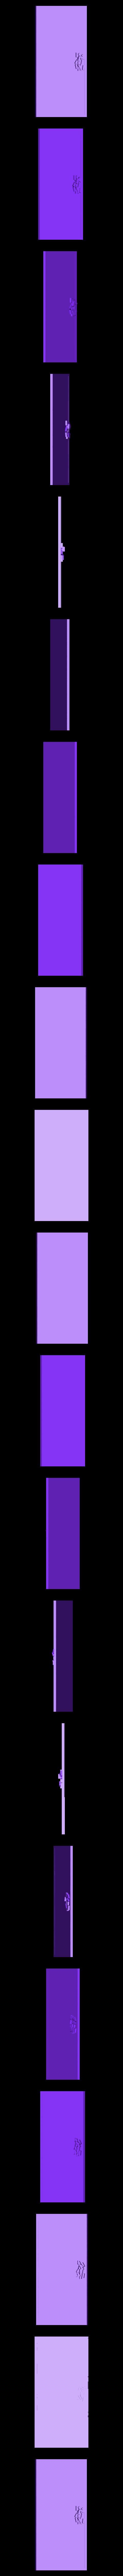 sml_rm_bse1.stl Télécharger fichier STL gratuit Ripper's London - Les égouts • Design pour imprimante 3D, Earsling